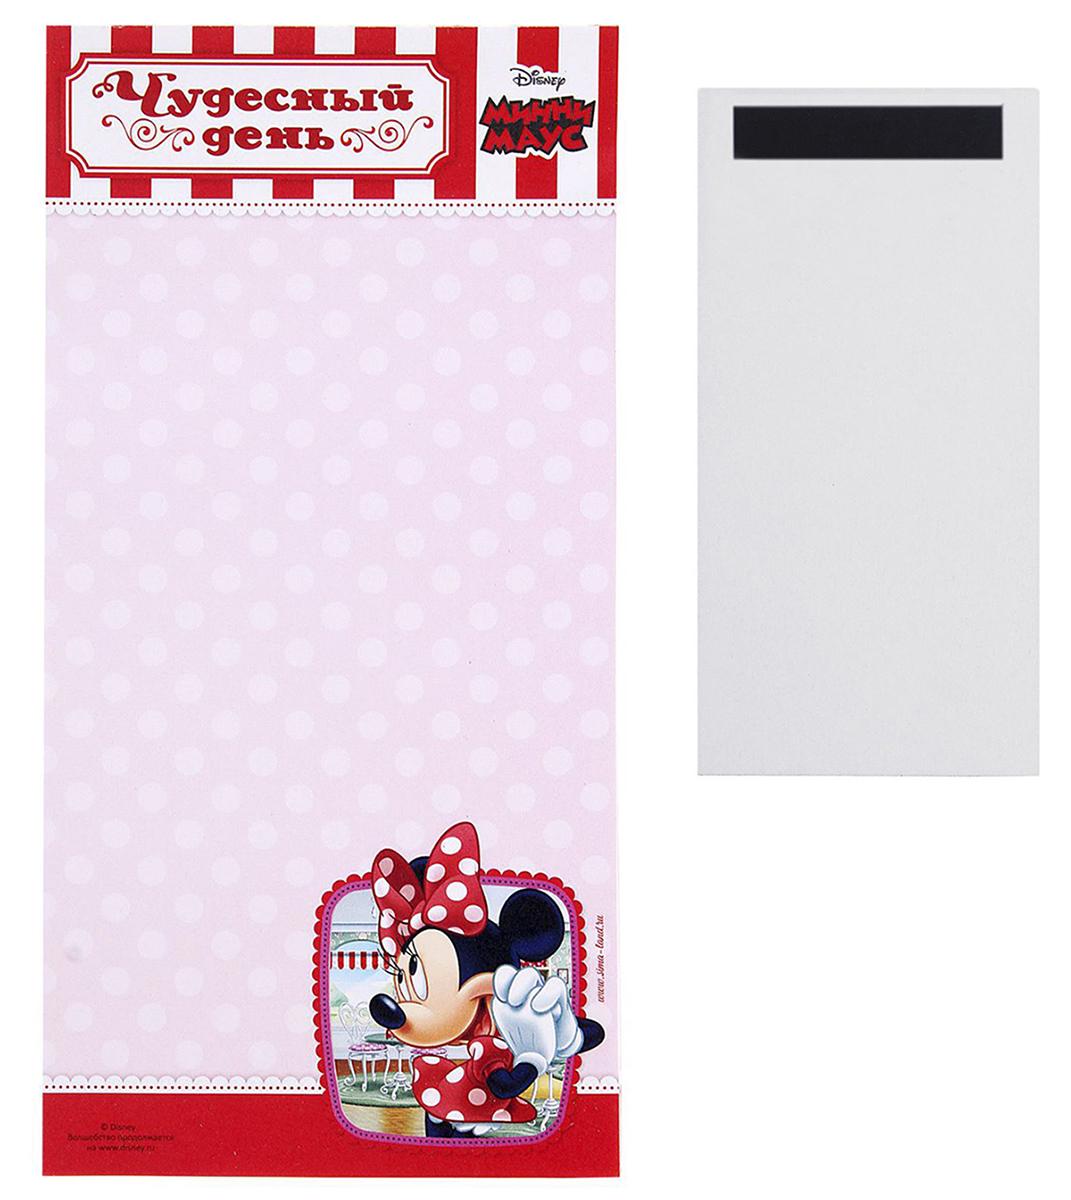 Disney Блок для записей Чудесный день 10 x 18 см 40 листов1121668Перед вами эксклюзивный блок для записей с отрывными листами на небольшом магните. Этот бумажный блок можно повесить на холодильник, и писать на листочках с изображениемлюбимых персонажей Disney важные заметки или милые пожелания своим близким. Канцтовары должны приносить пользу и радовать глаз. Блок для записей успешно справится сэтими задачами.